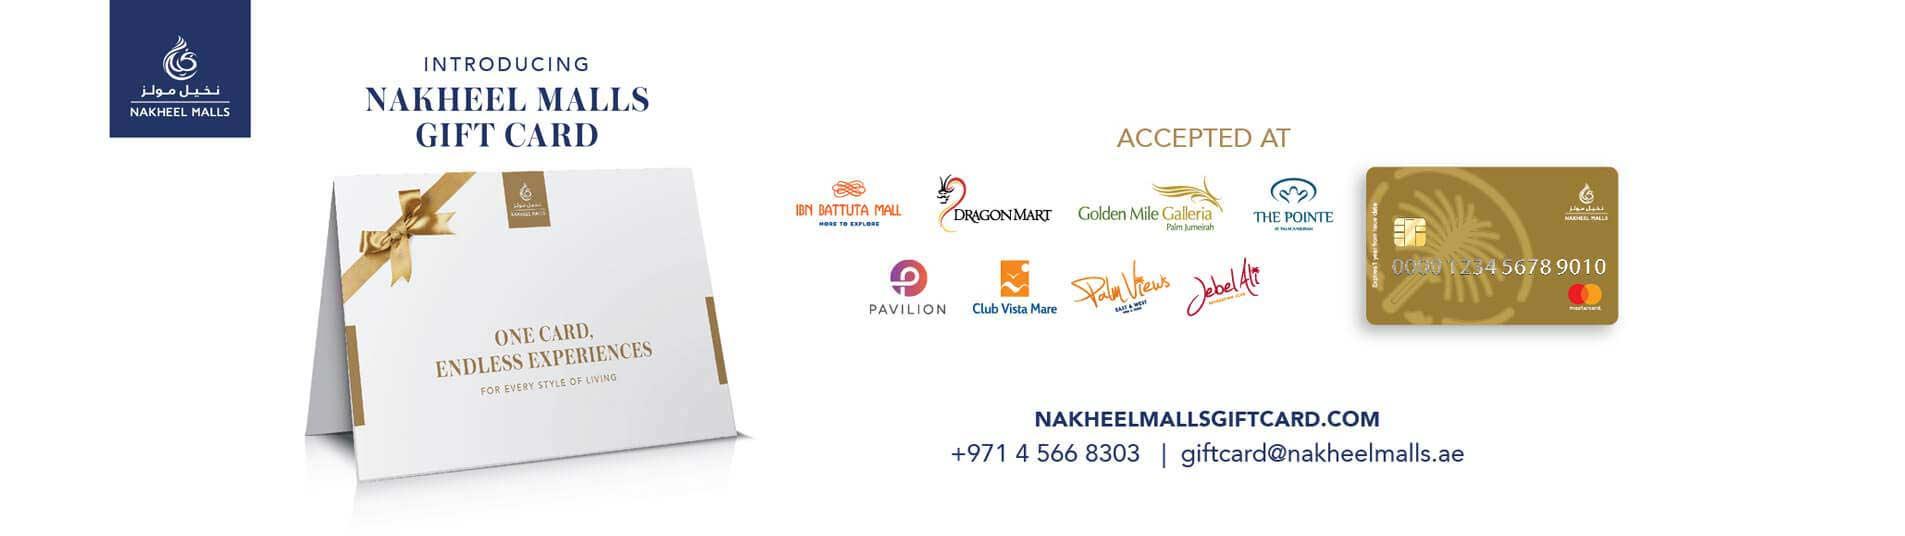 Nakheel Gift Card